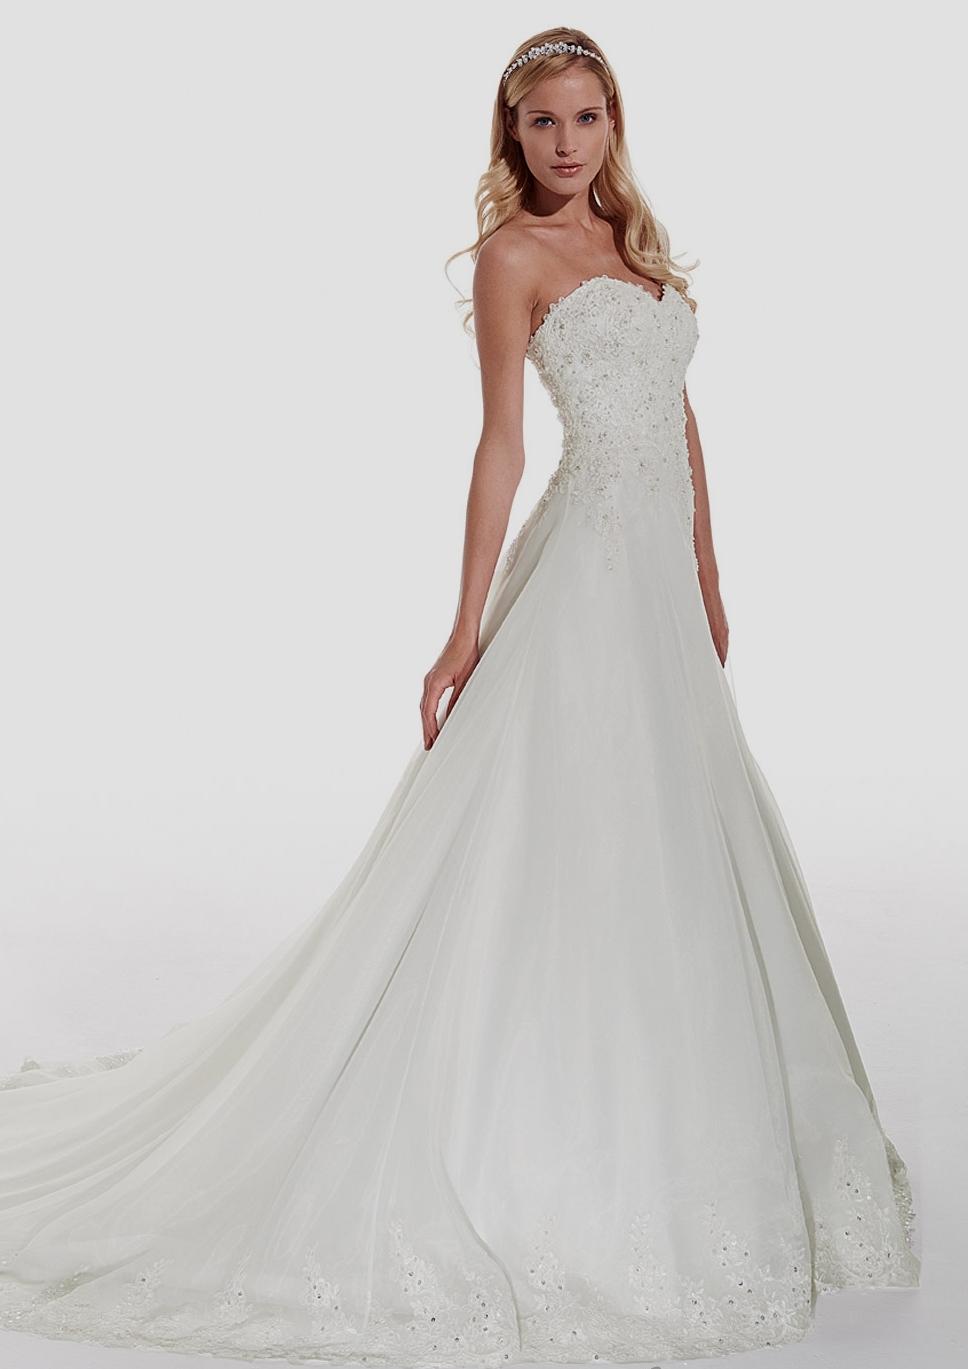 Brautkleid Hochzeitskleid In A Linie Mit Silber Applikationen Weià ...